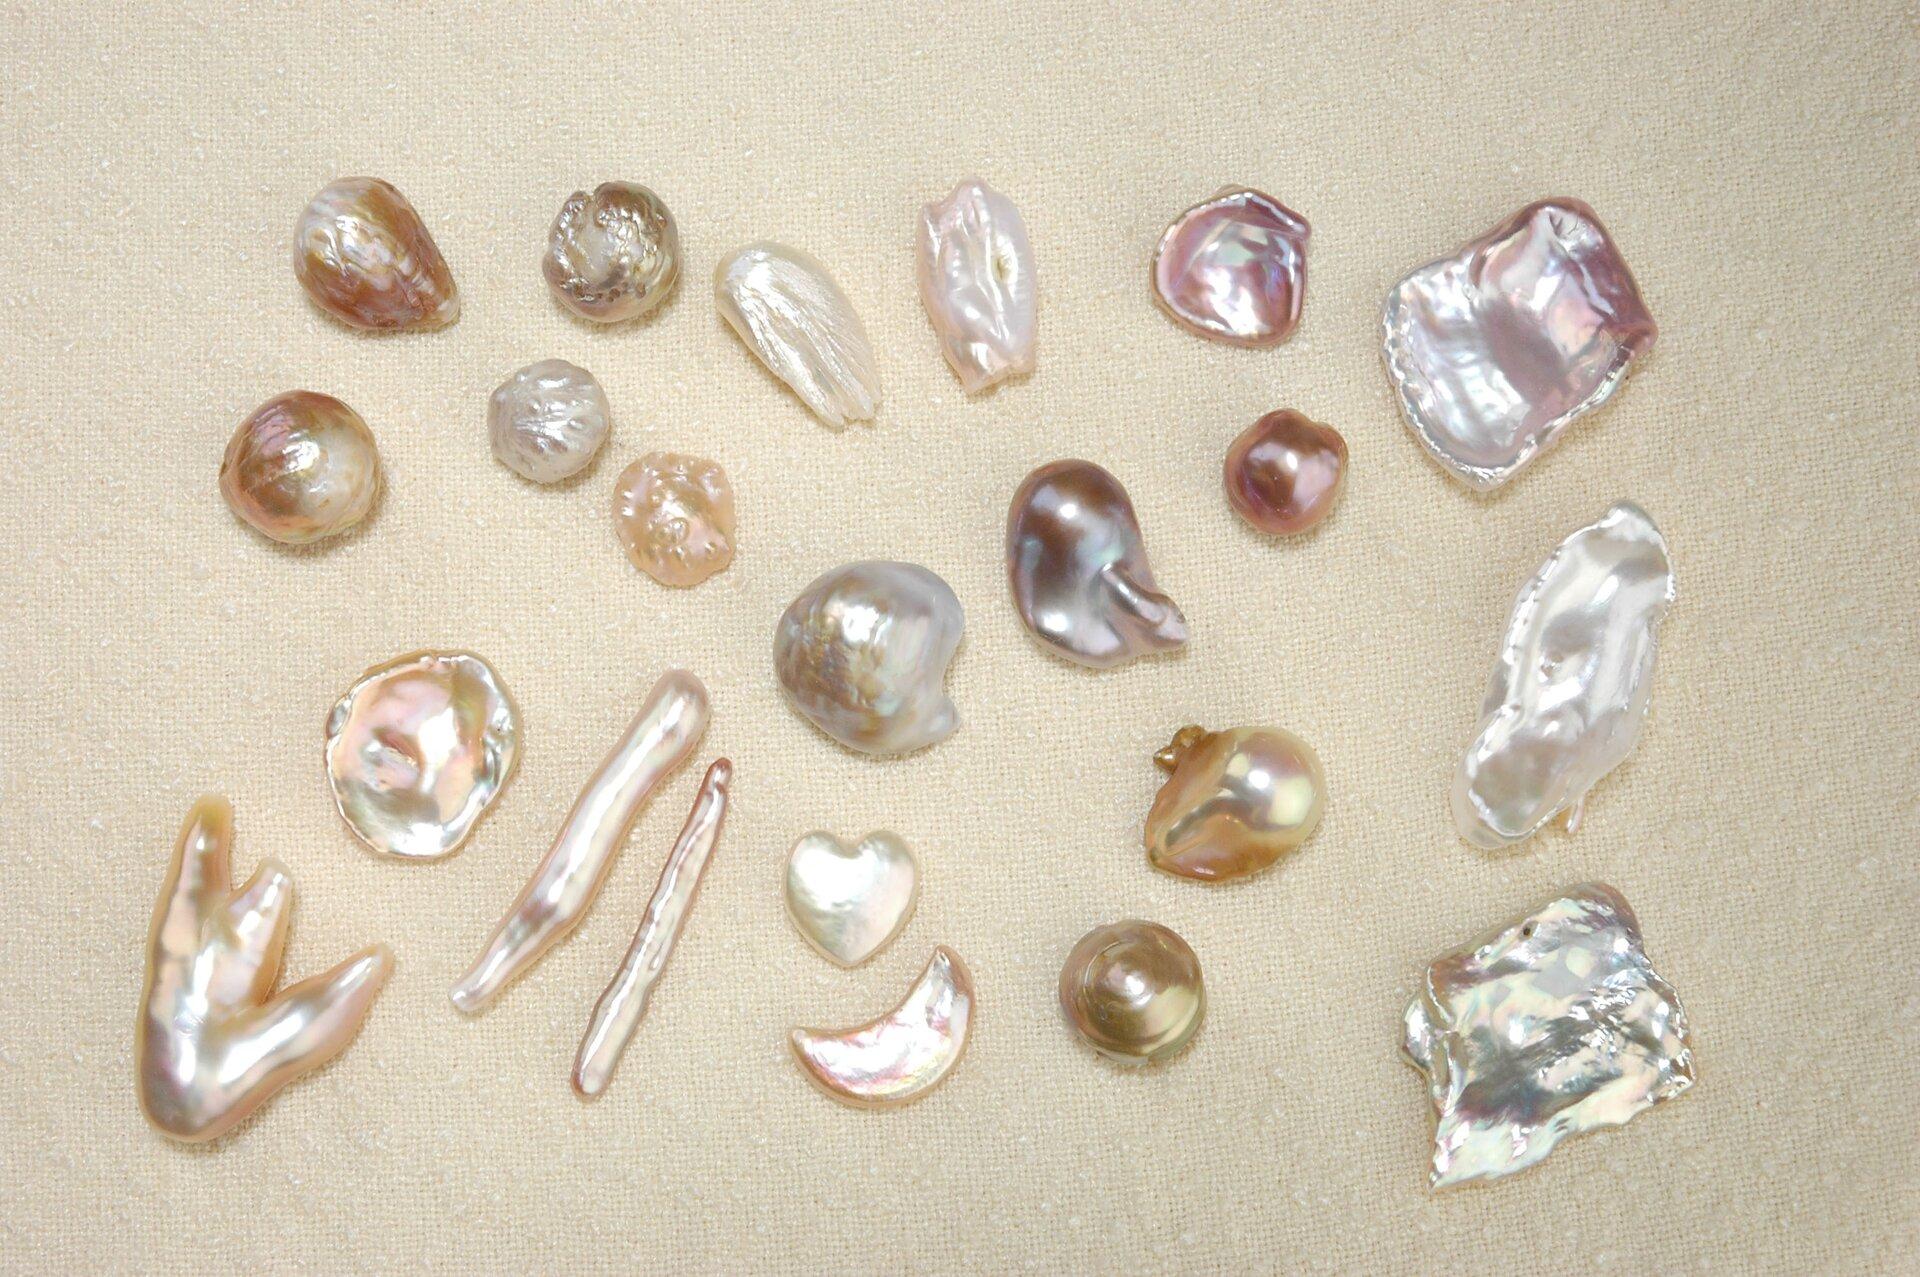 Perły oróżnorodnych kształtach Perły oróżnorodnych kształtach Źródło: licencja: CC 0 1.0.